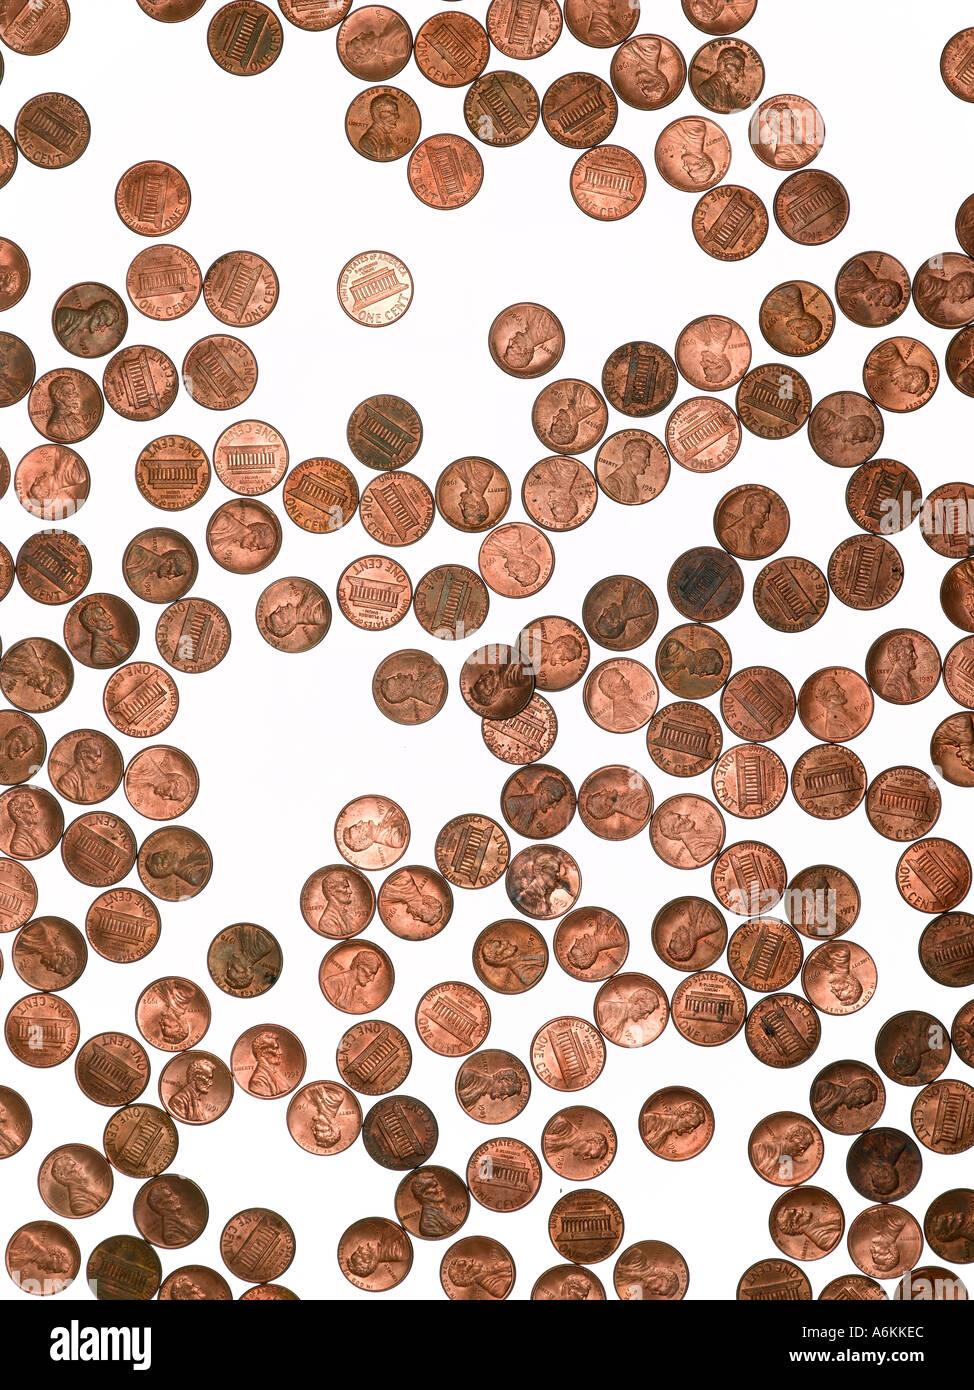 Composizione di un ordine casuale di 1 cent Immagini Stock